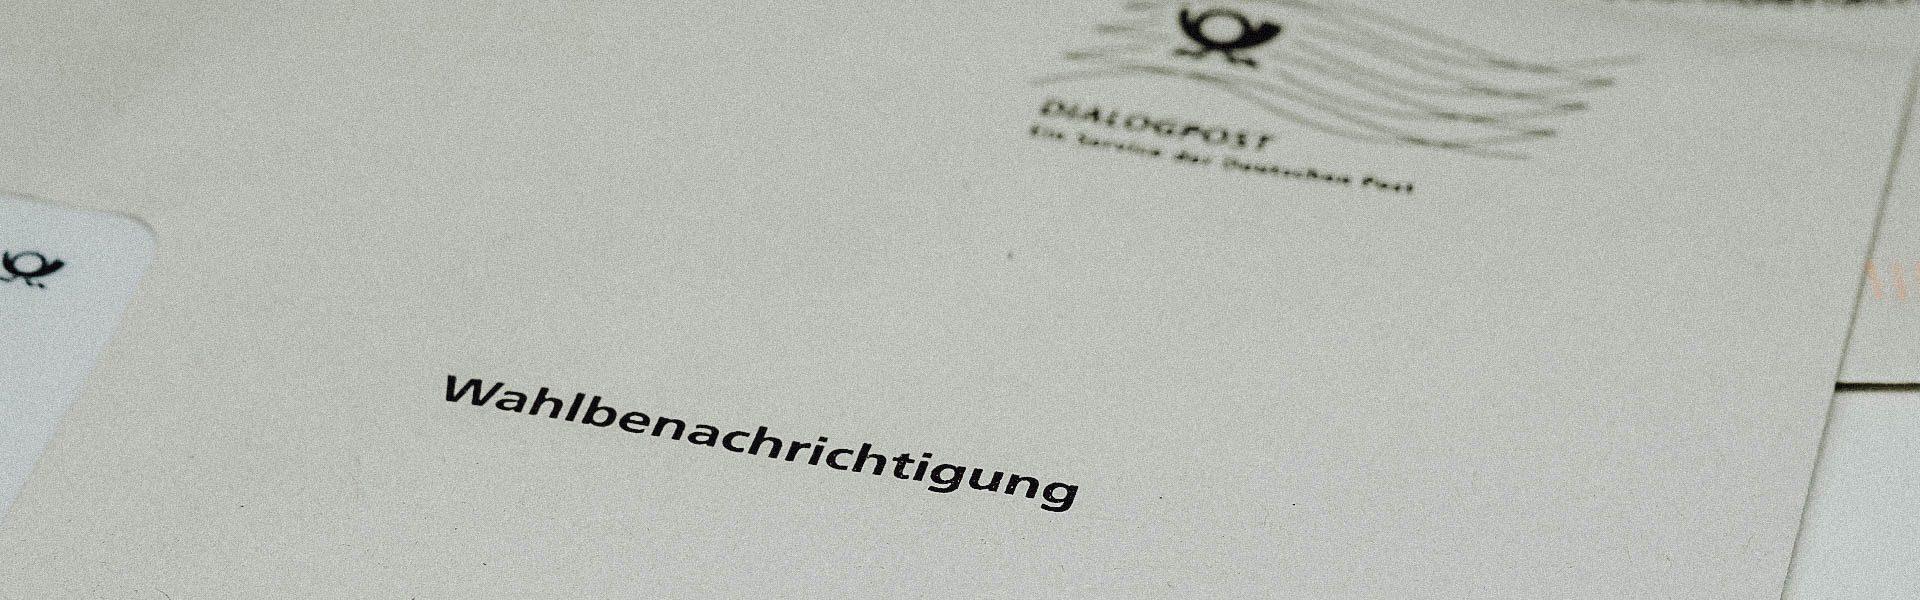 SichtWeisen Leander Lelouvier: Digitale Demokratie in der Schweiz   Bild von Andreas Lischka auf Pixabay